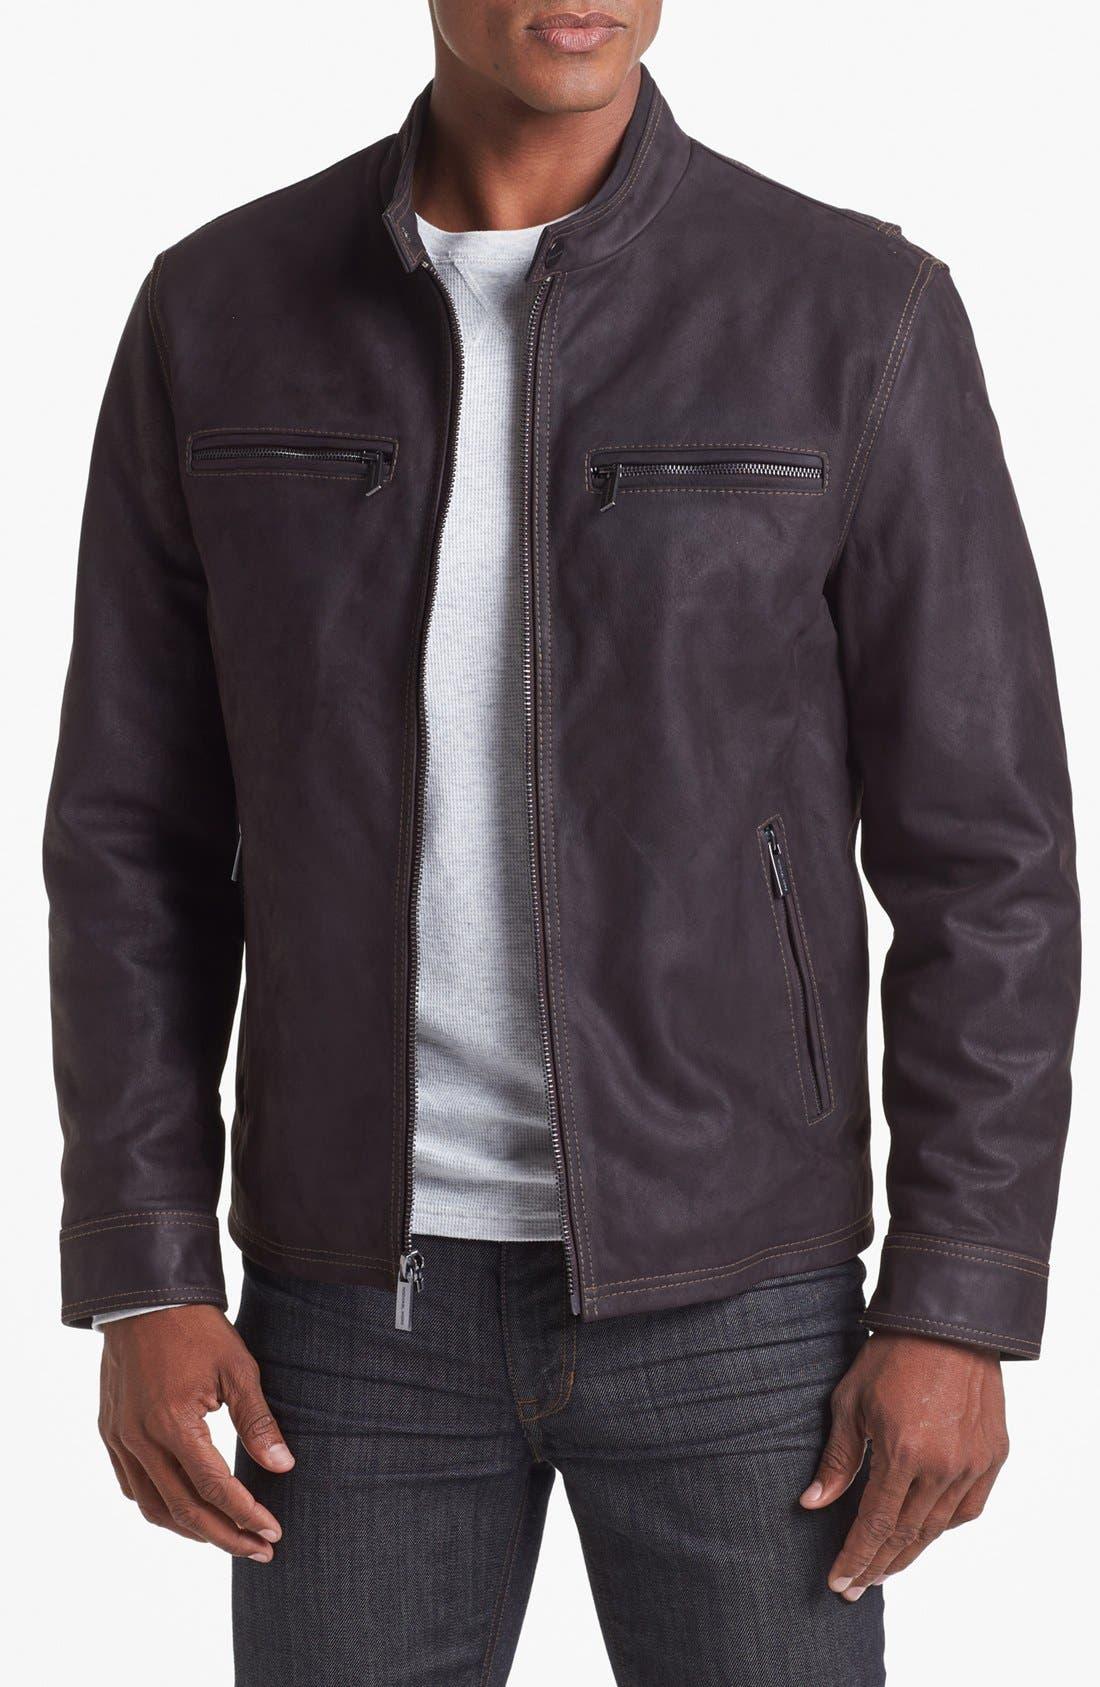 Alternate Image 1 Selected - Michael Kors 'Lodi' Jacket